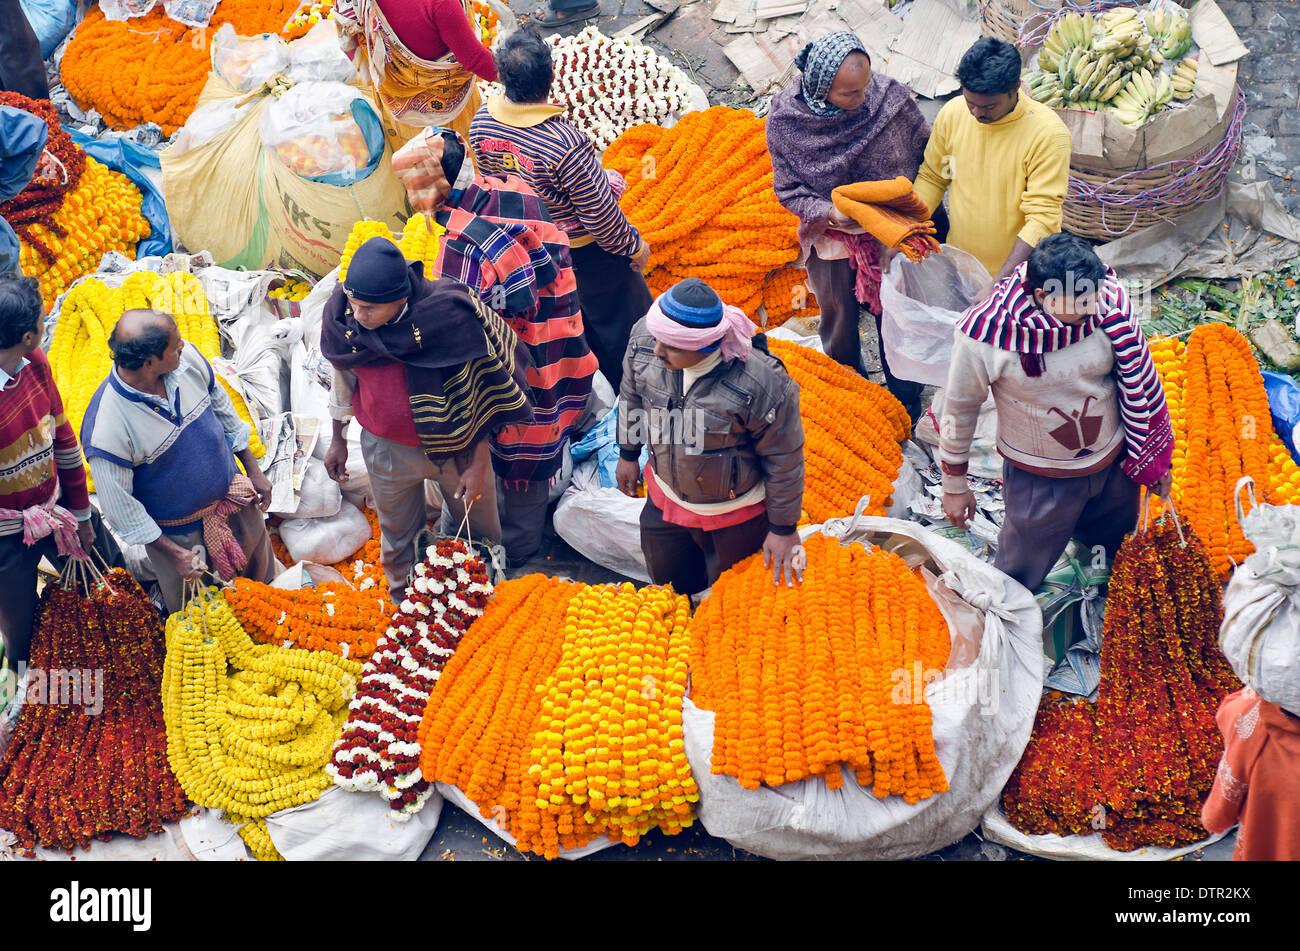 Flower sellers,Flower market,Kolkata,India. - Stock Image